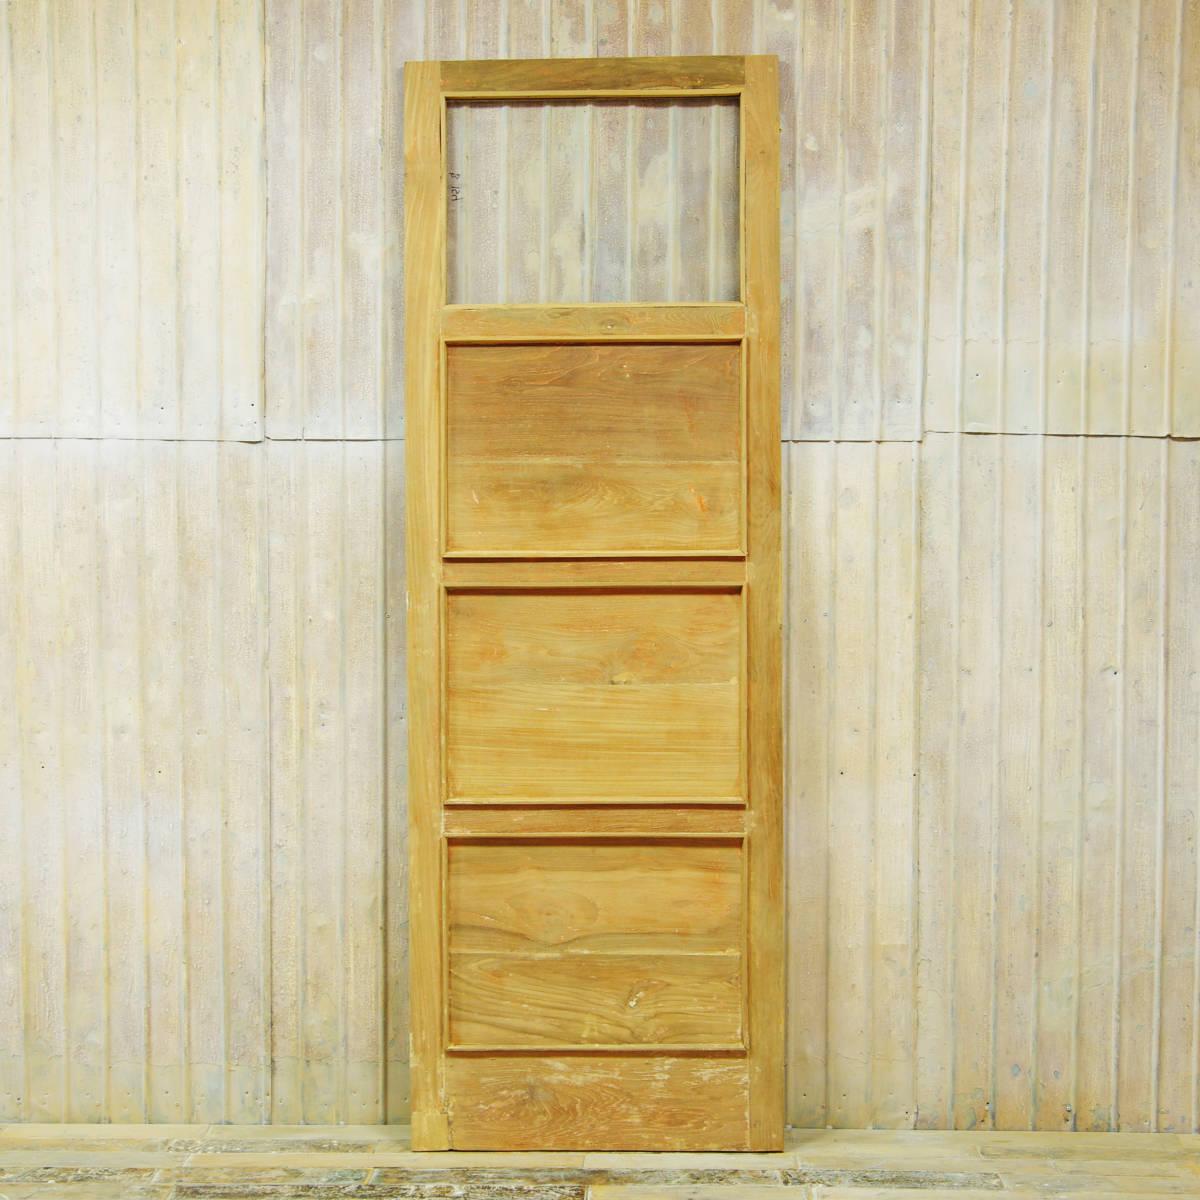 S154〓W72×H195 ドアノブ外し穴修復済み 片開きアンティークチークのドア 無塗装 店舗リノベーション ガラス扉 古い洋館の木製建具 ftg